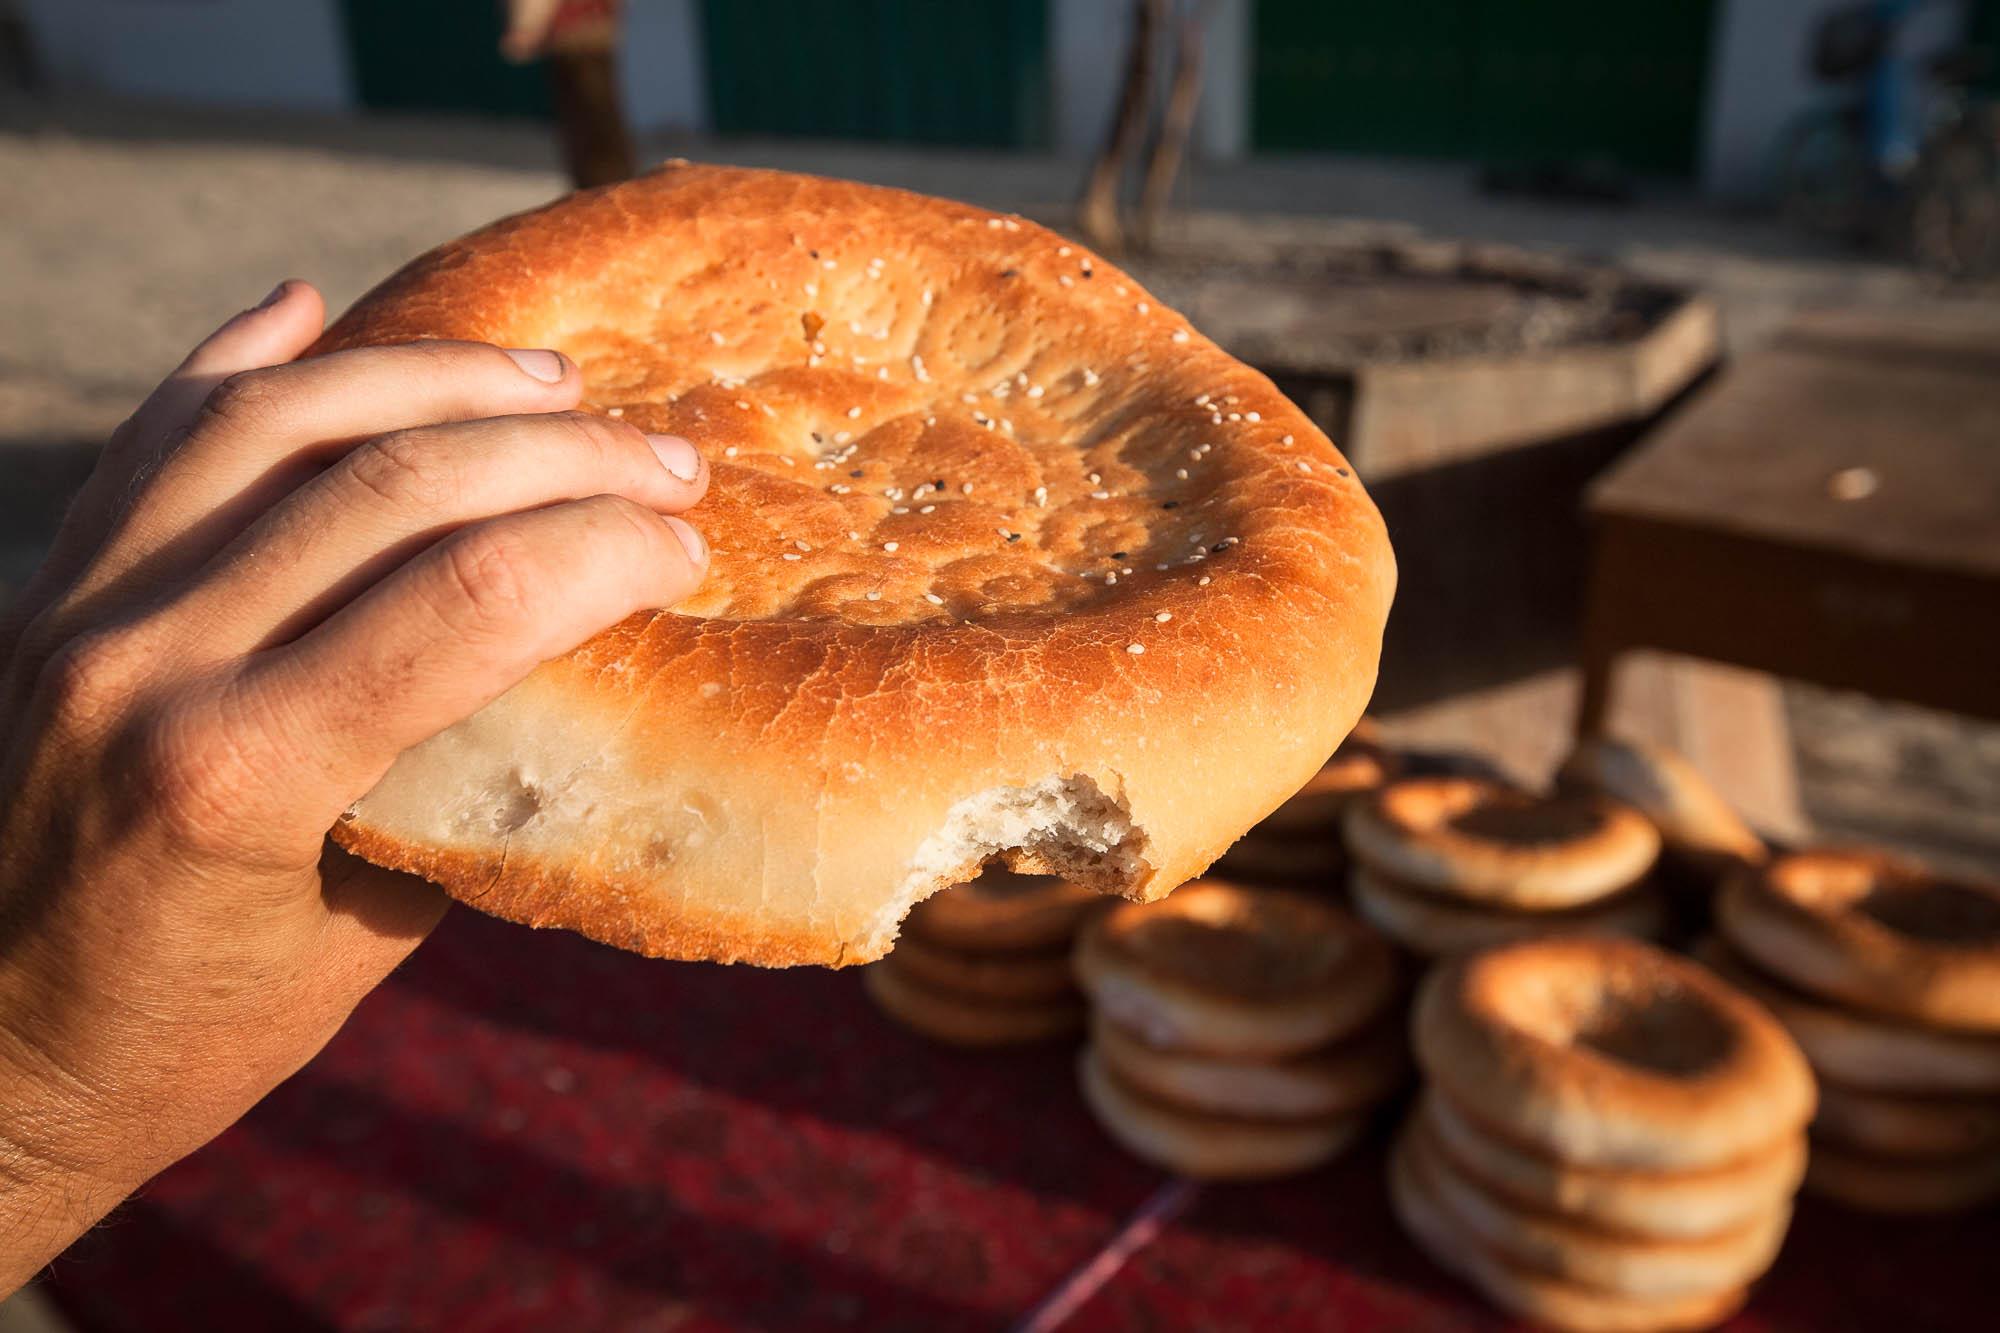 nang bread